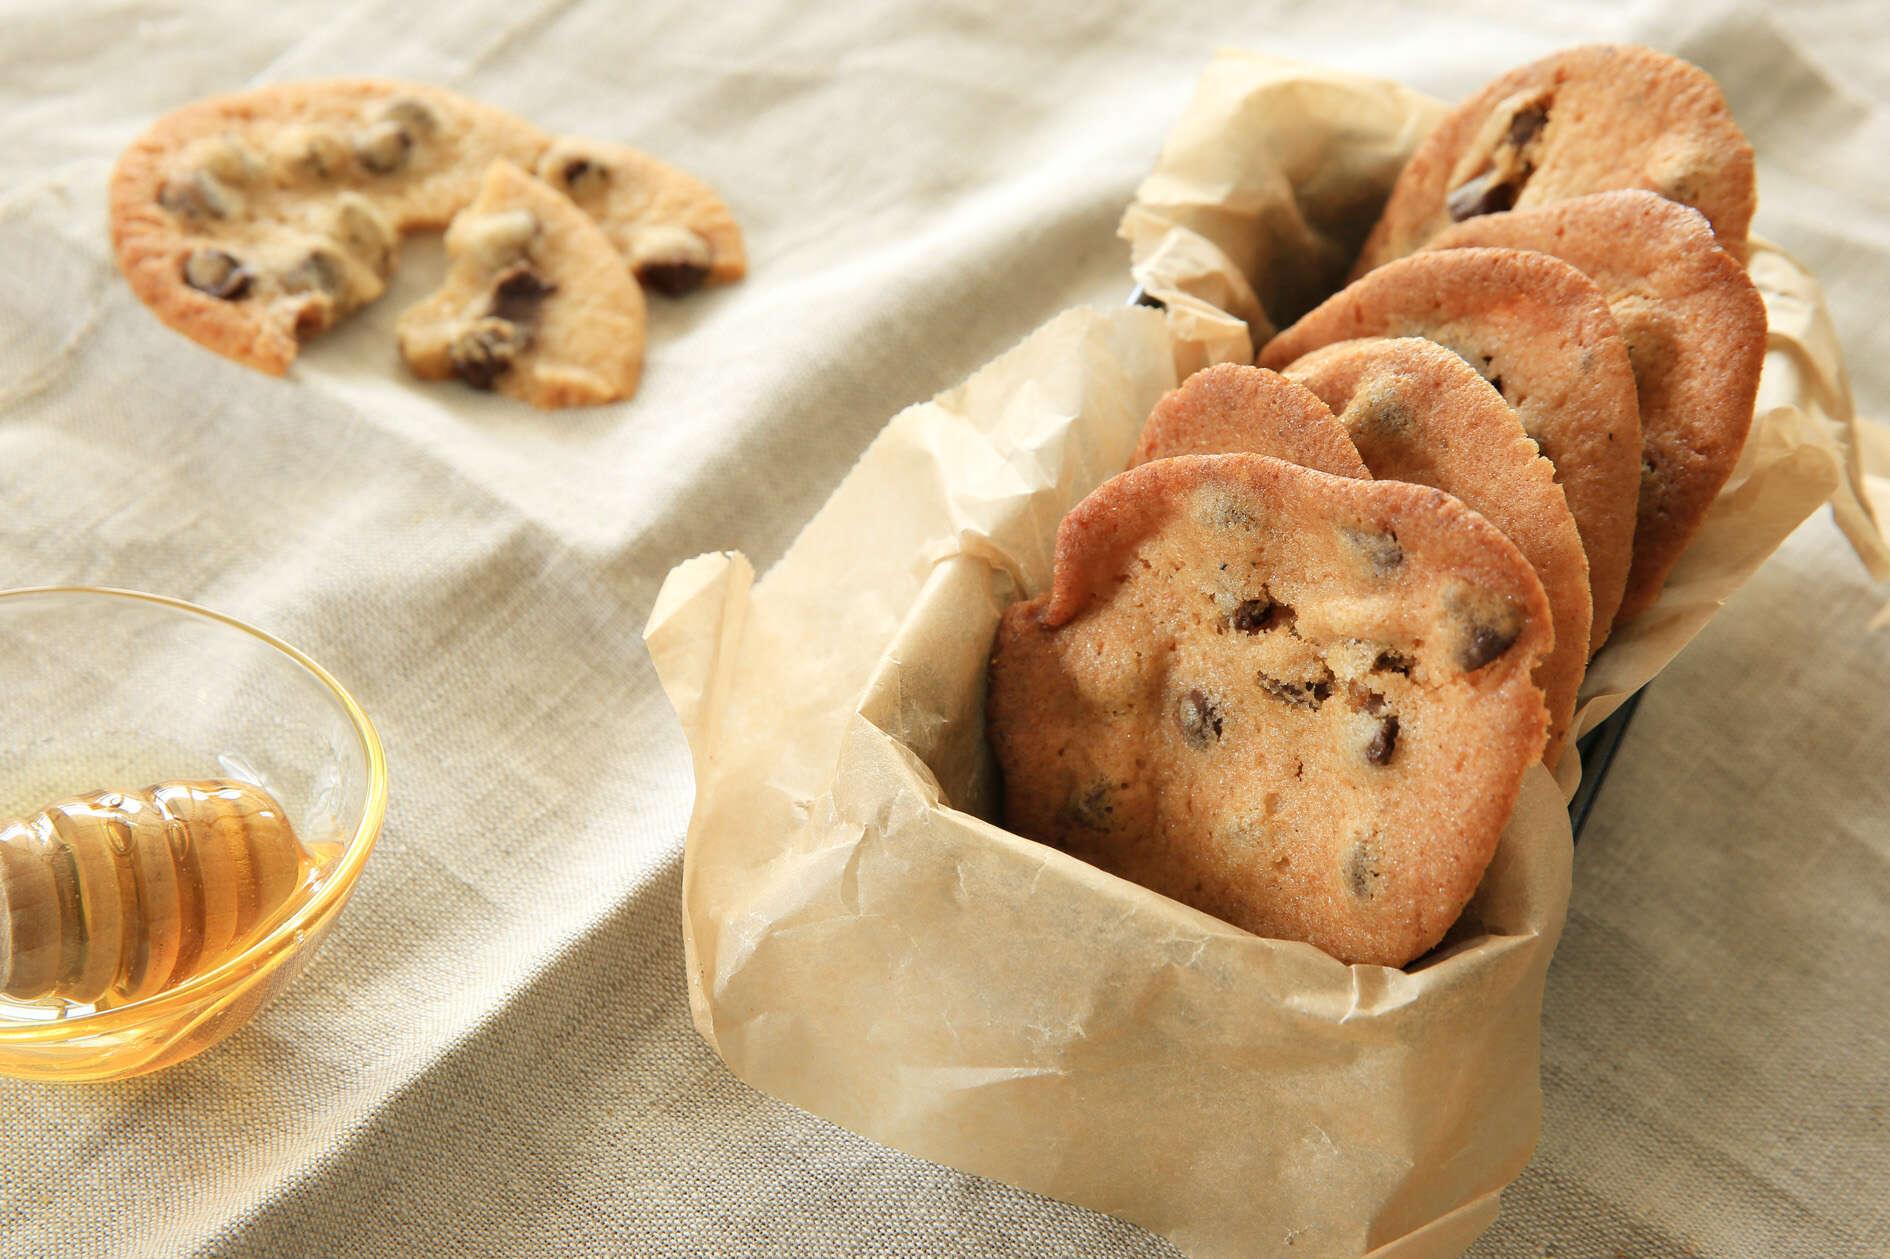 נשאר לכם דבש? תכינו עוגיות